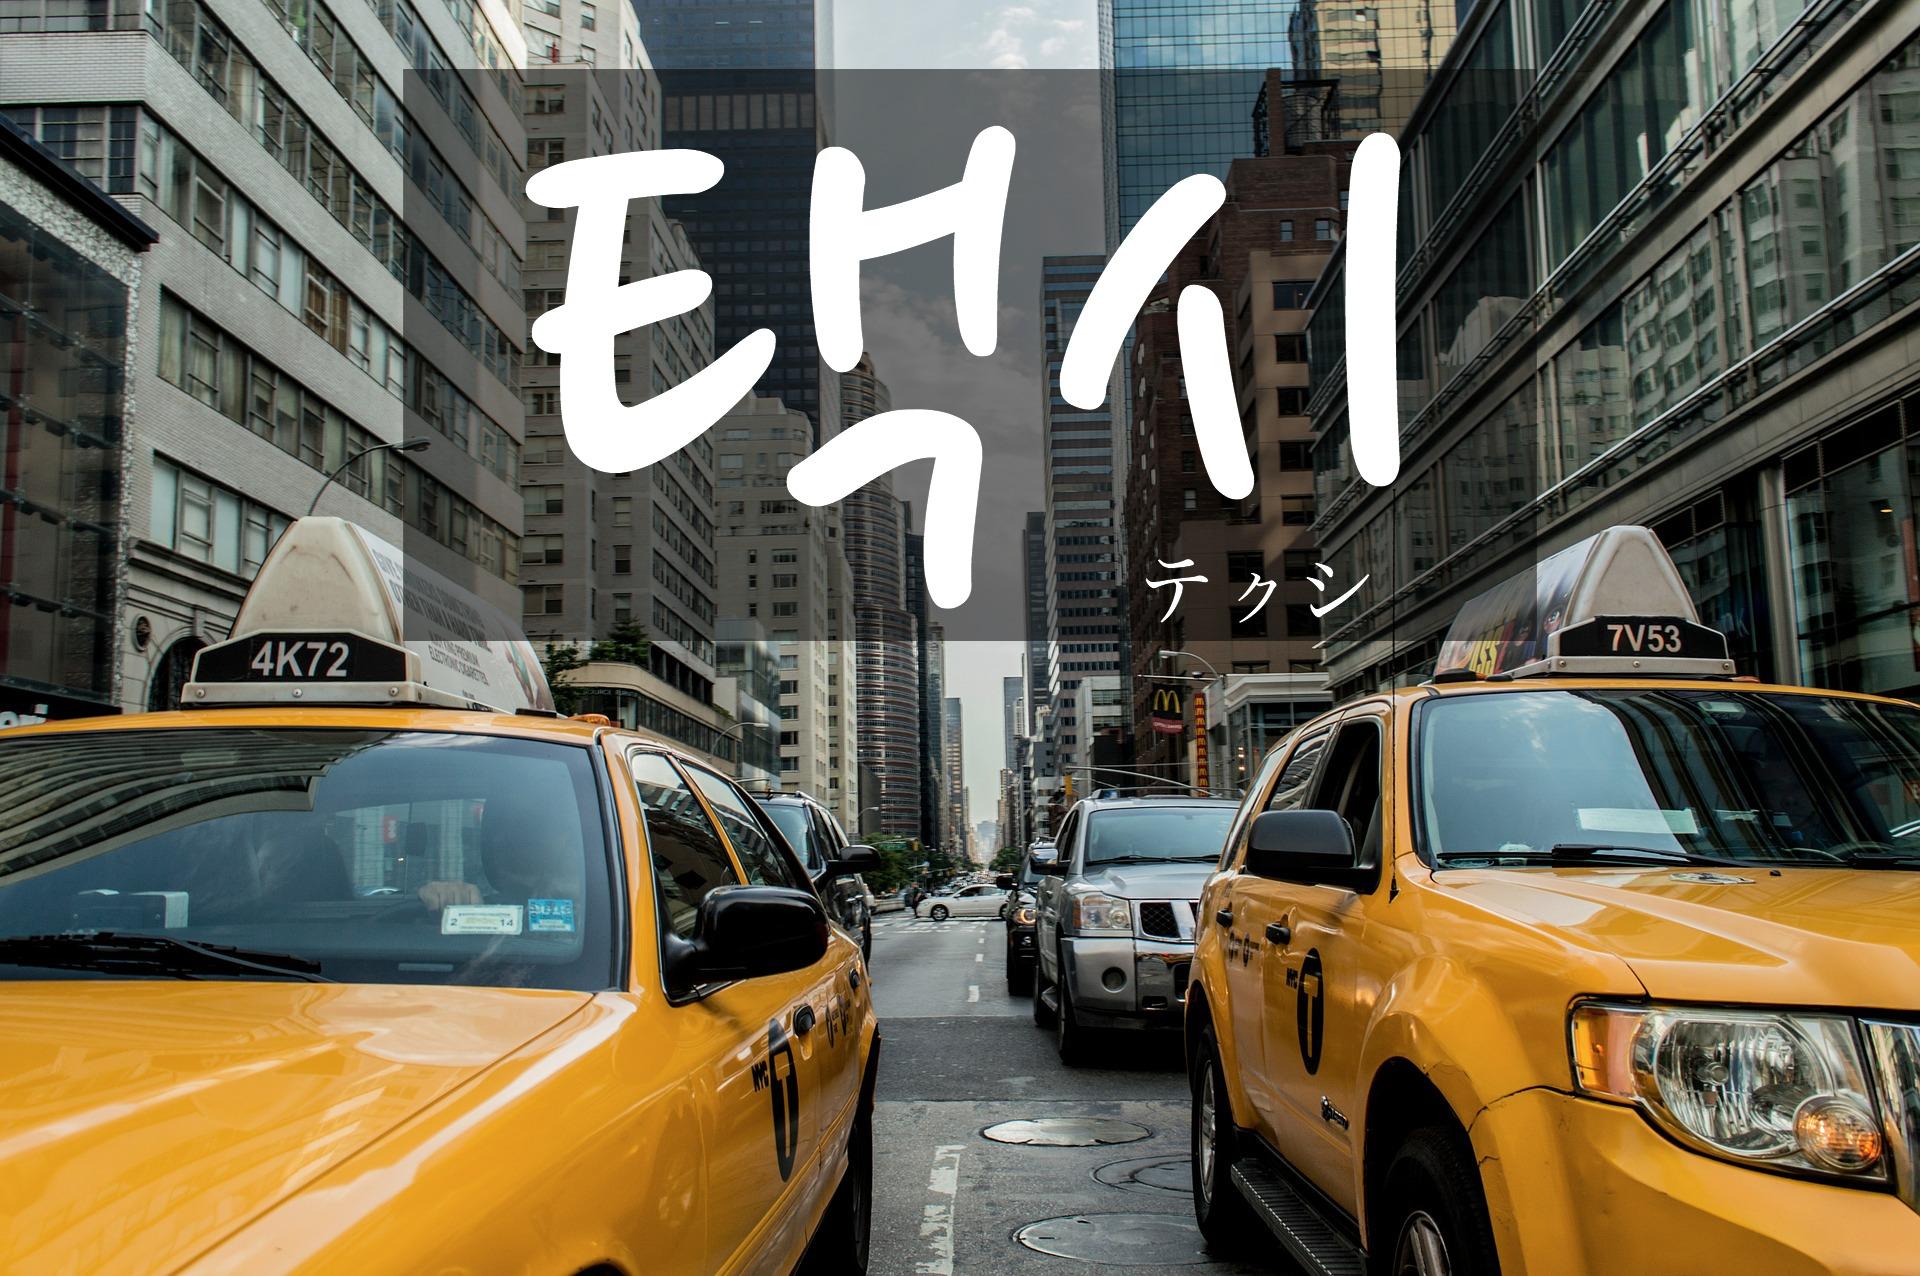 韓国語で「タクシー」の【택시(テクシ)】をタメ語で覚えよう!